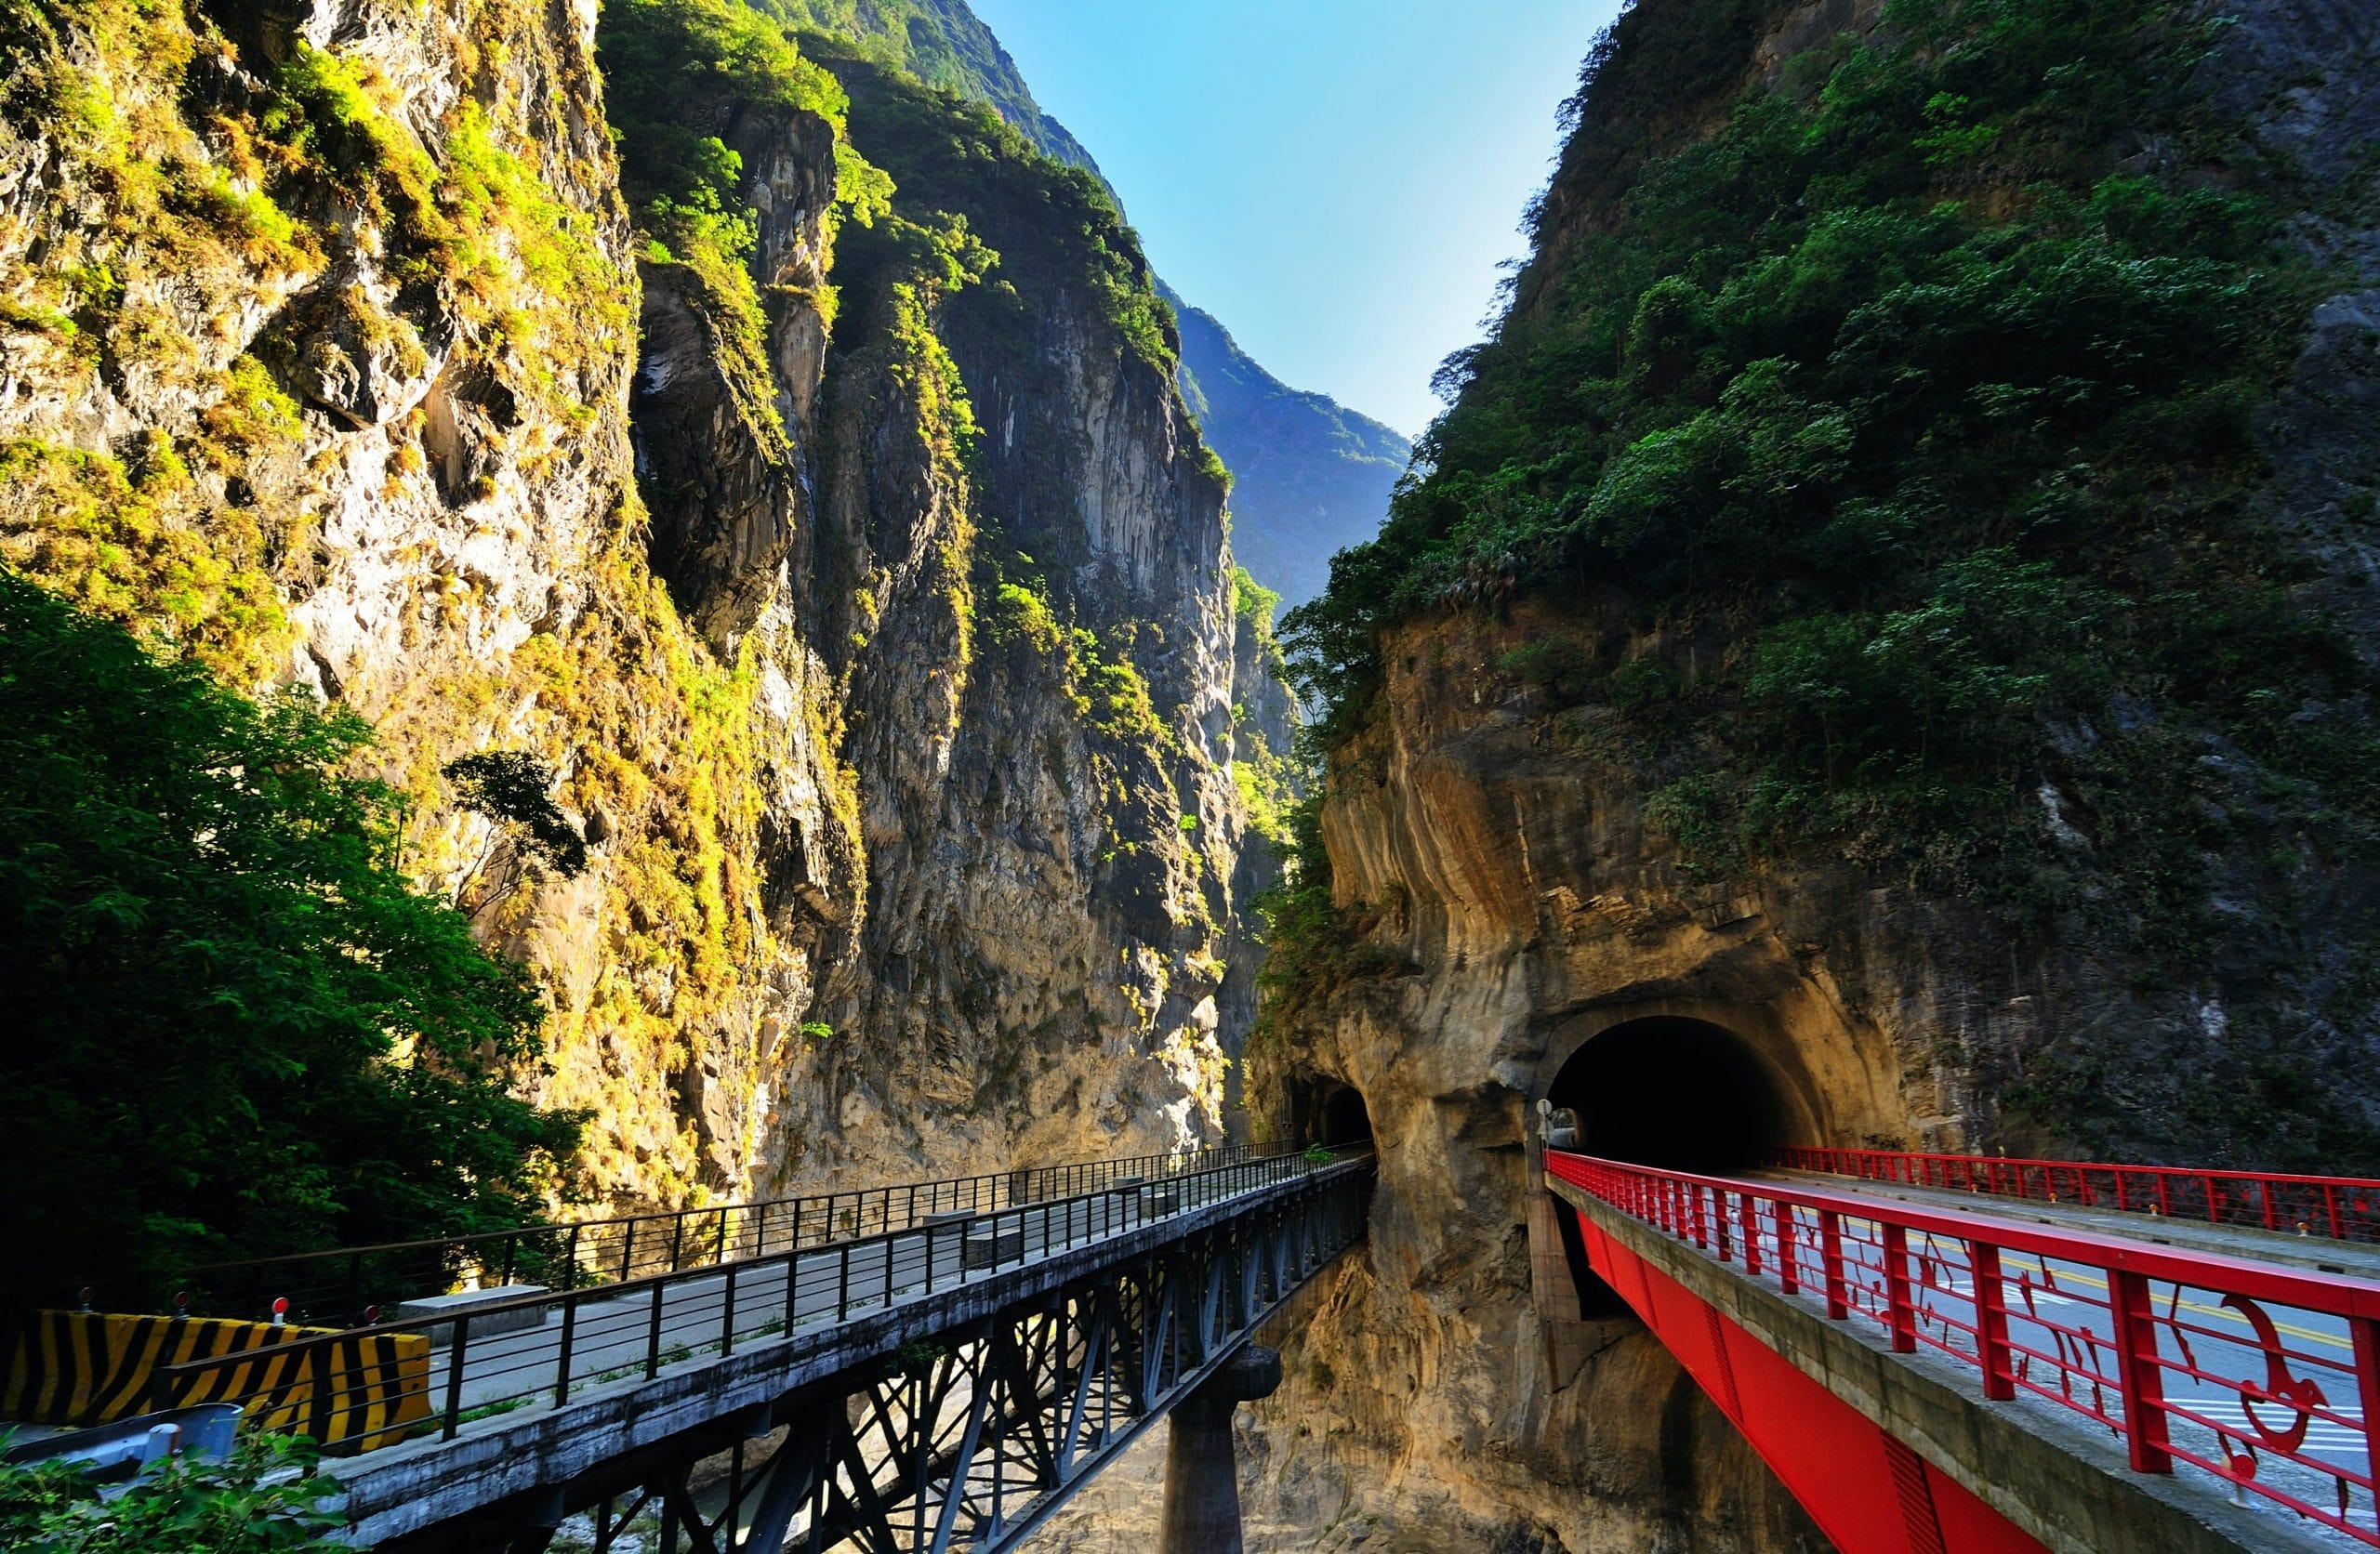 tempat wisata di Taiwan - Taroko National Park (lonelyplanet)